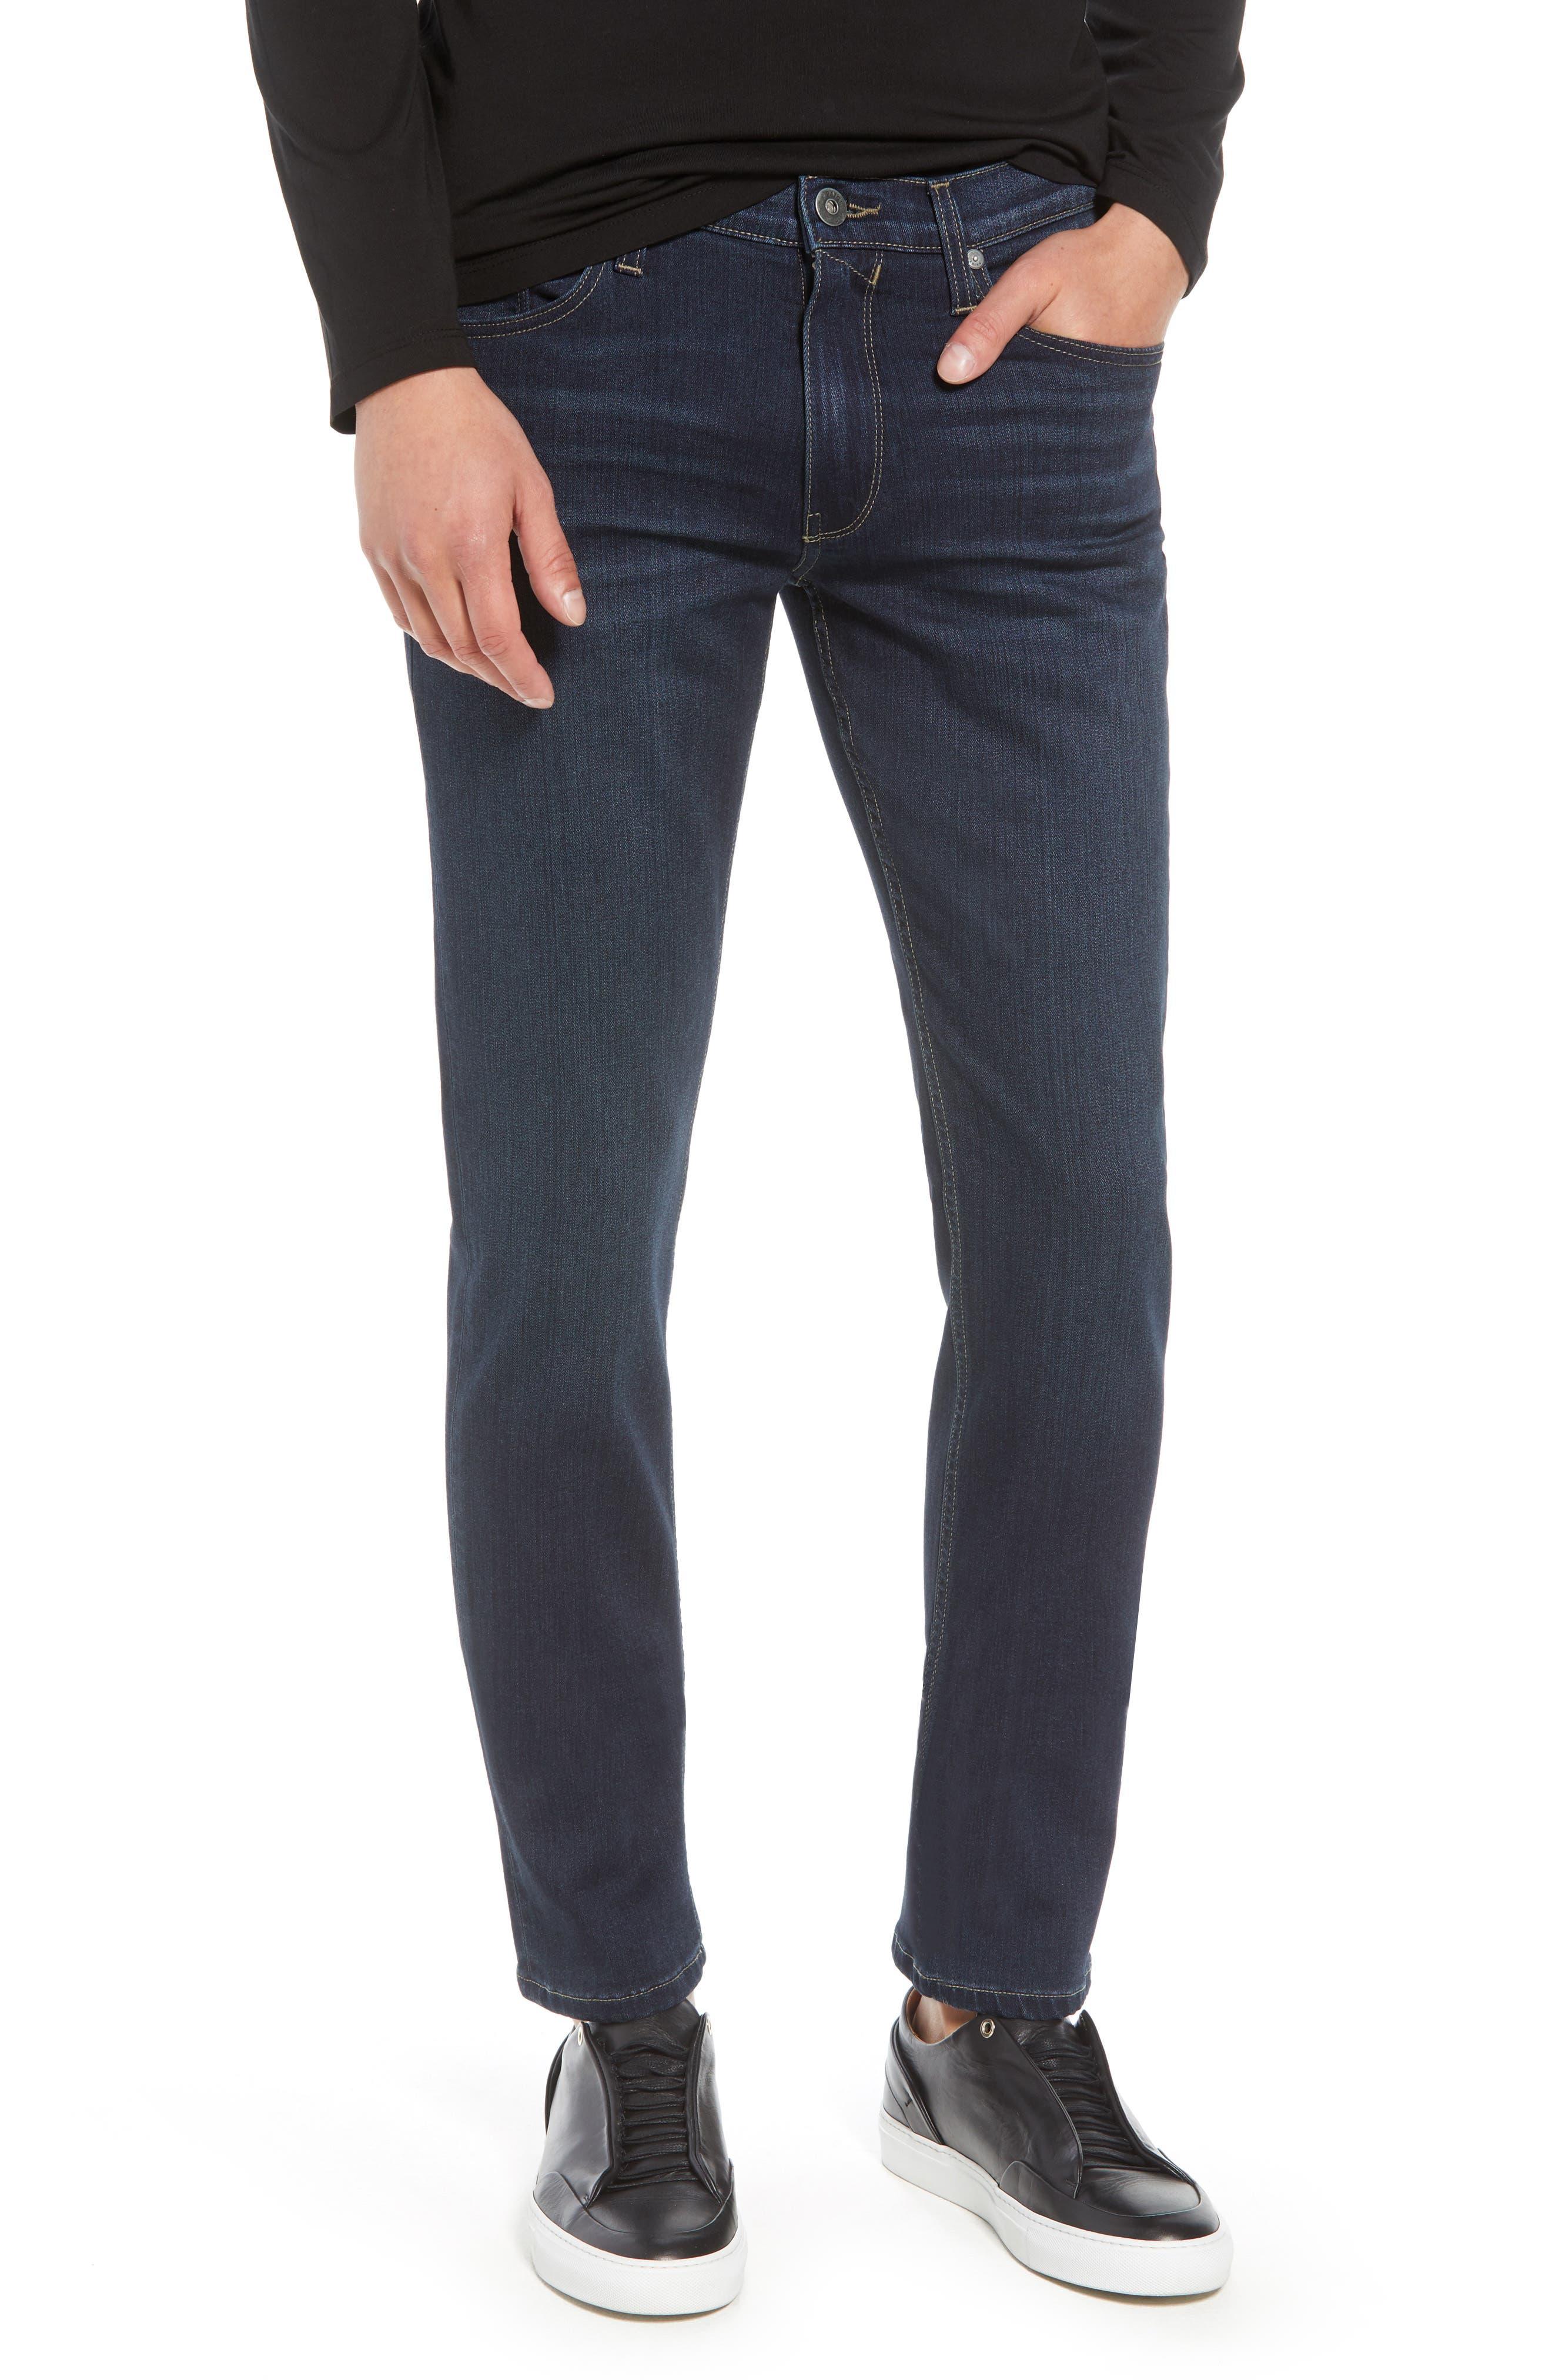 Transcend – Lennox Slim Fit Jeans,                             Main thumbnail 1, color,                             HALE